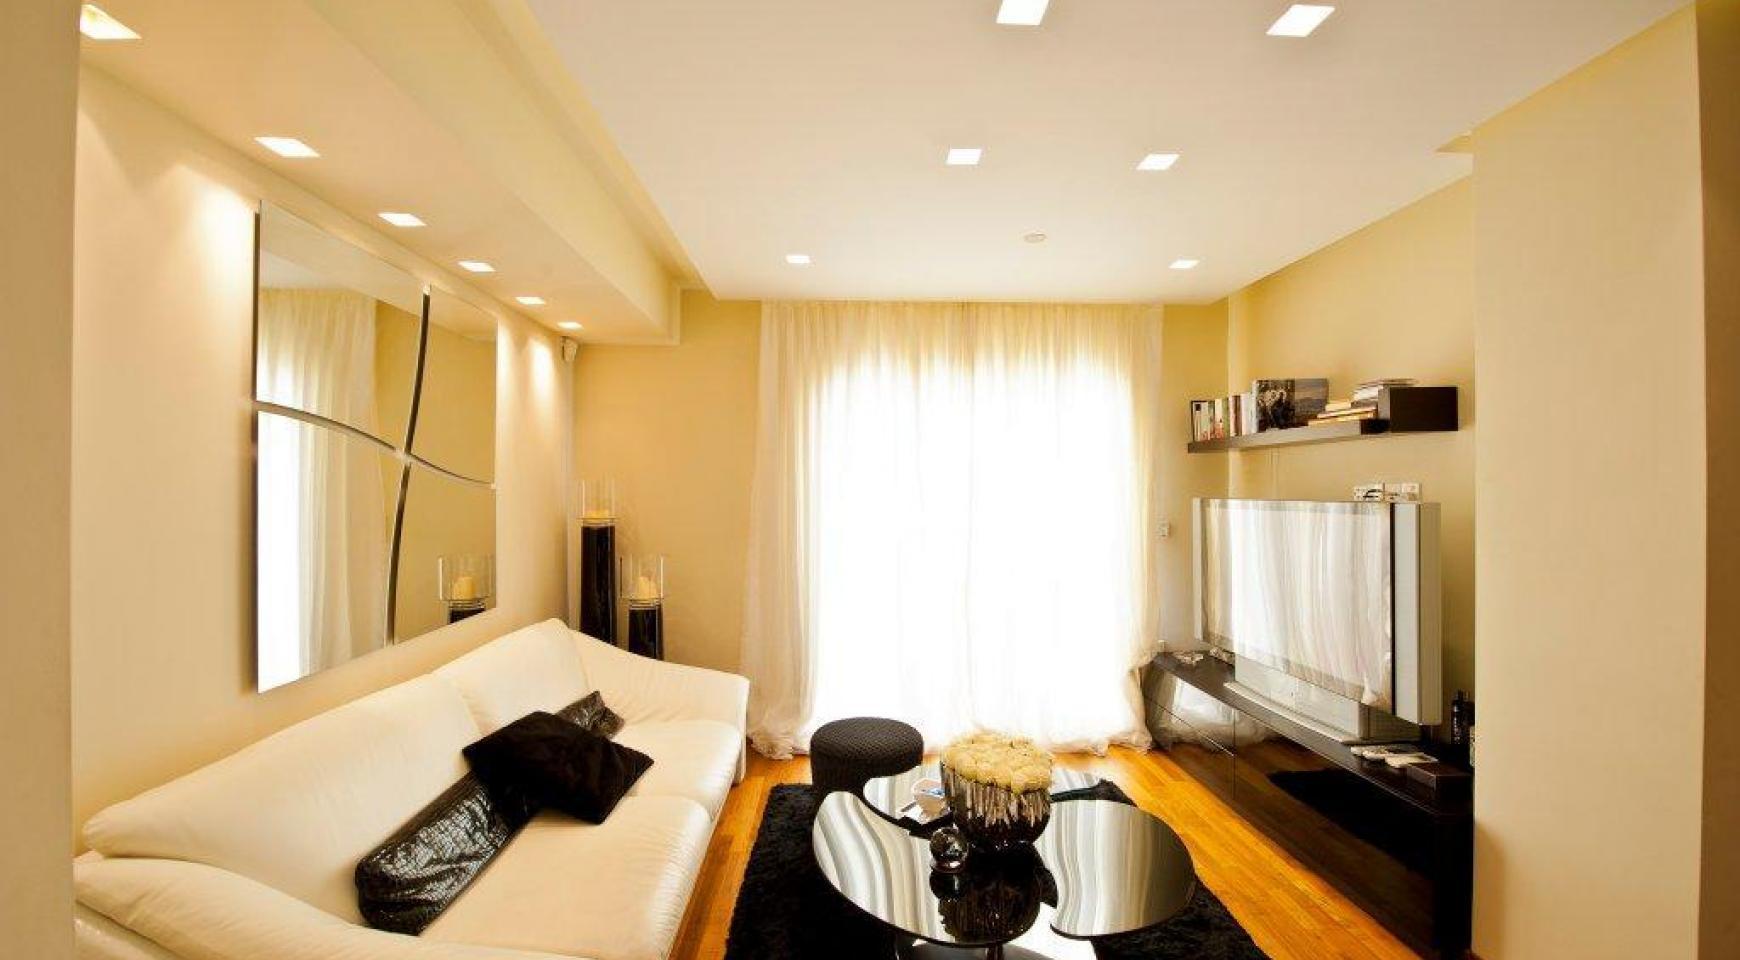 Эксклюзивный 3-Спальный Пентхаус в Центре Города - 8